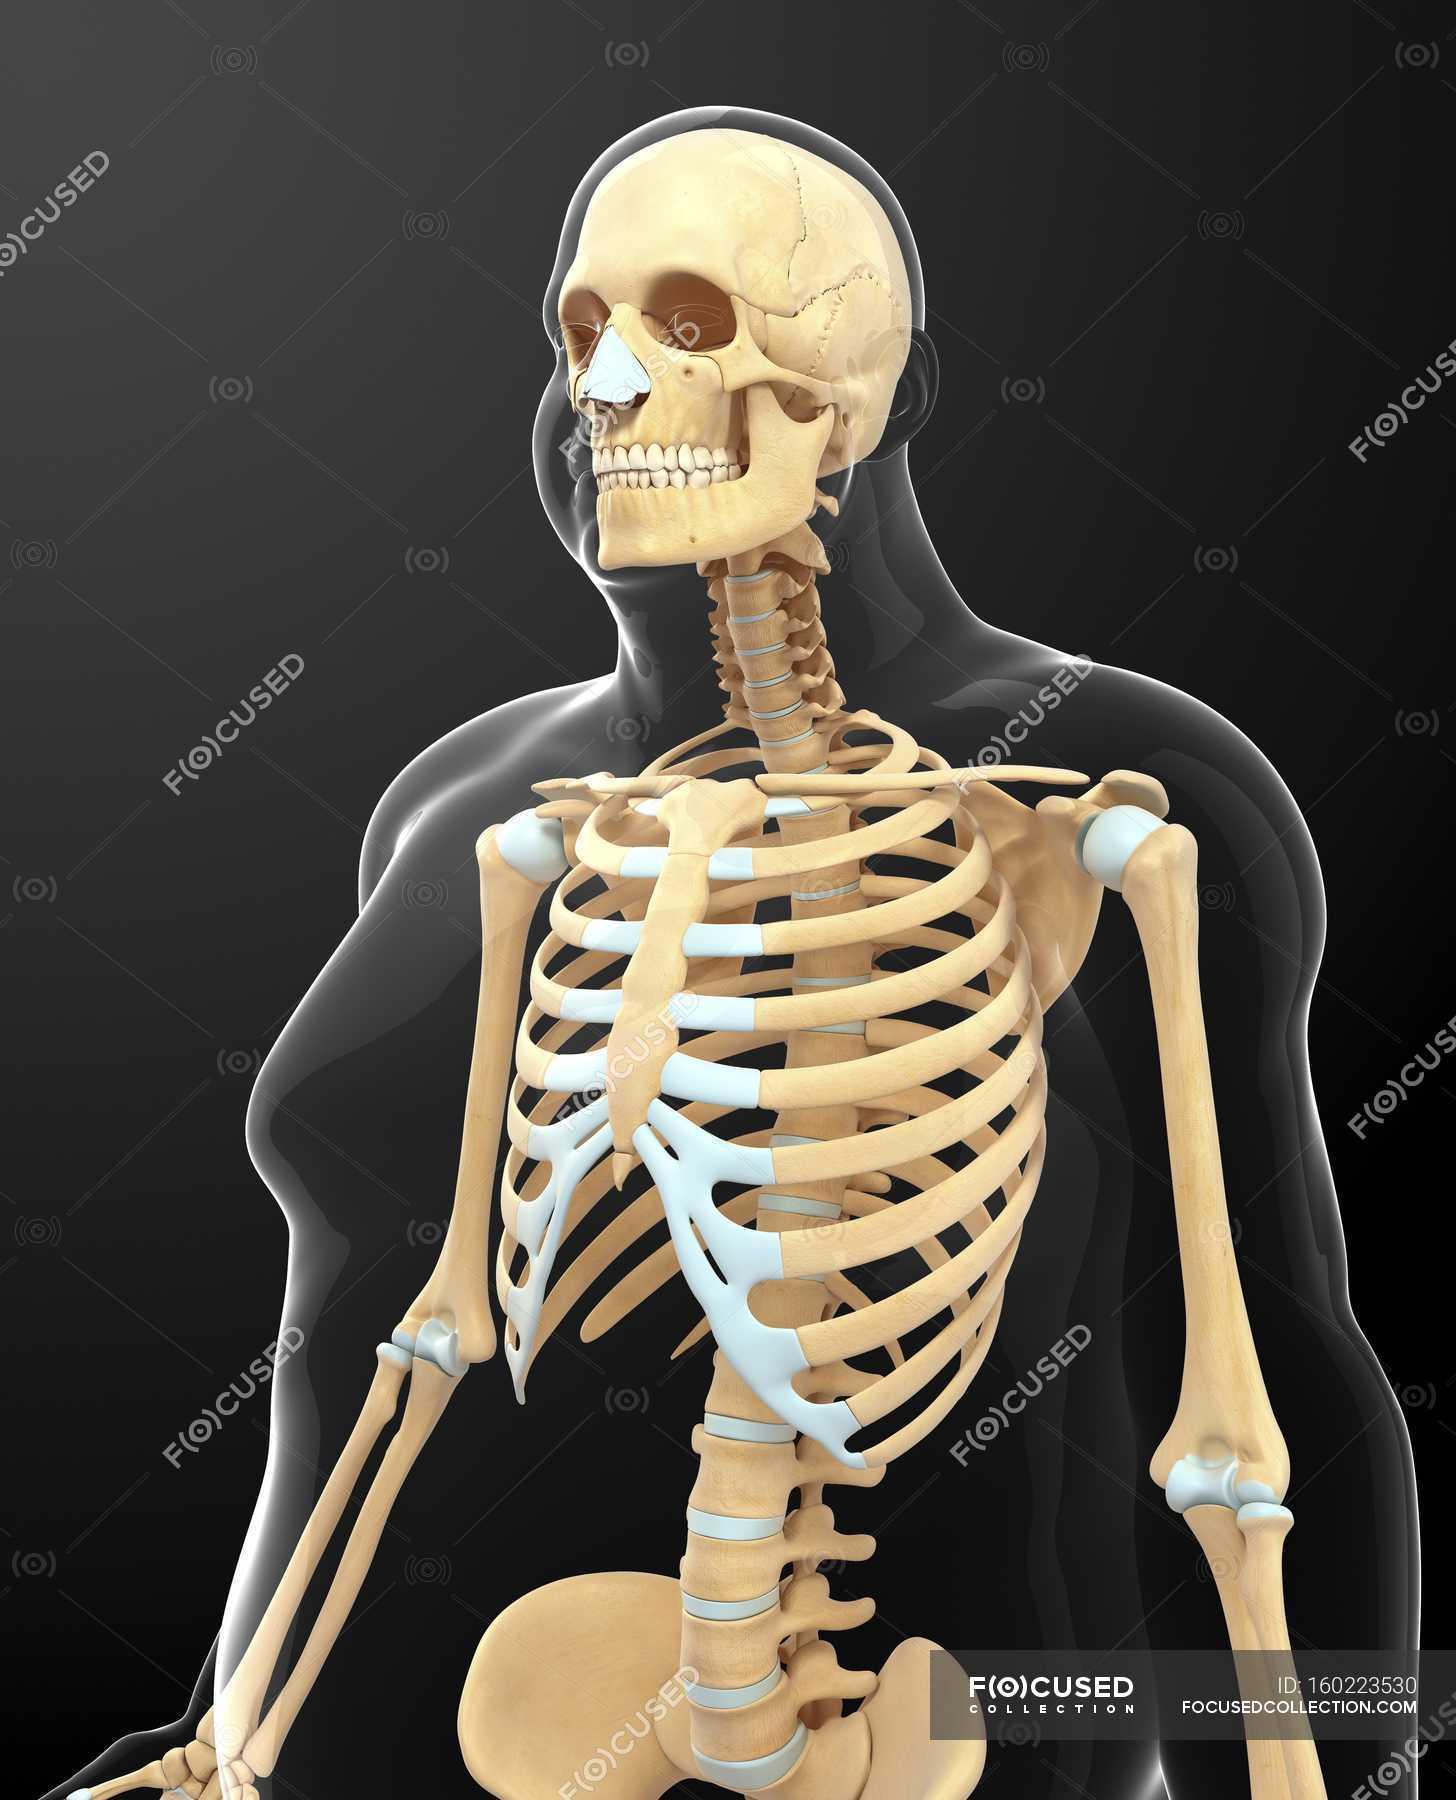 Sistema esquelético de la persona obesa - foto de stock | #160223530